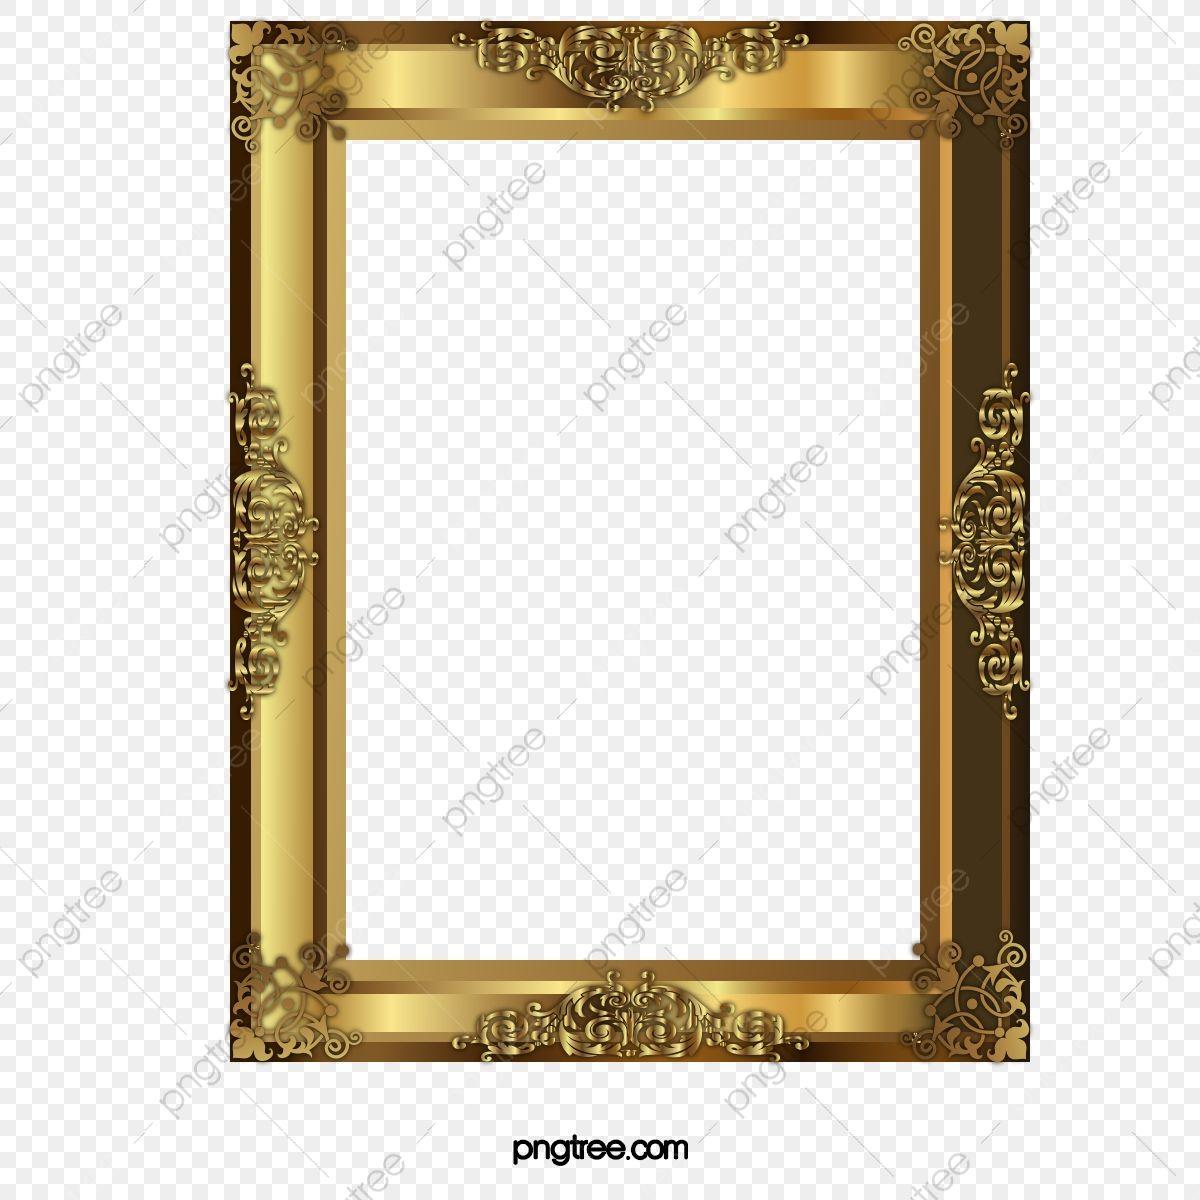 Gold Pattern Frame Frame Clipart Gold Frame Frame Pattern Png Transparent Clipart Image And Psd File For Free Download In 2021 Frame Clipart Gold Pattern Frame Border Design